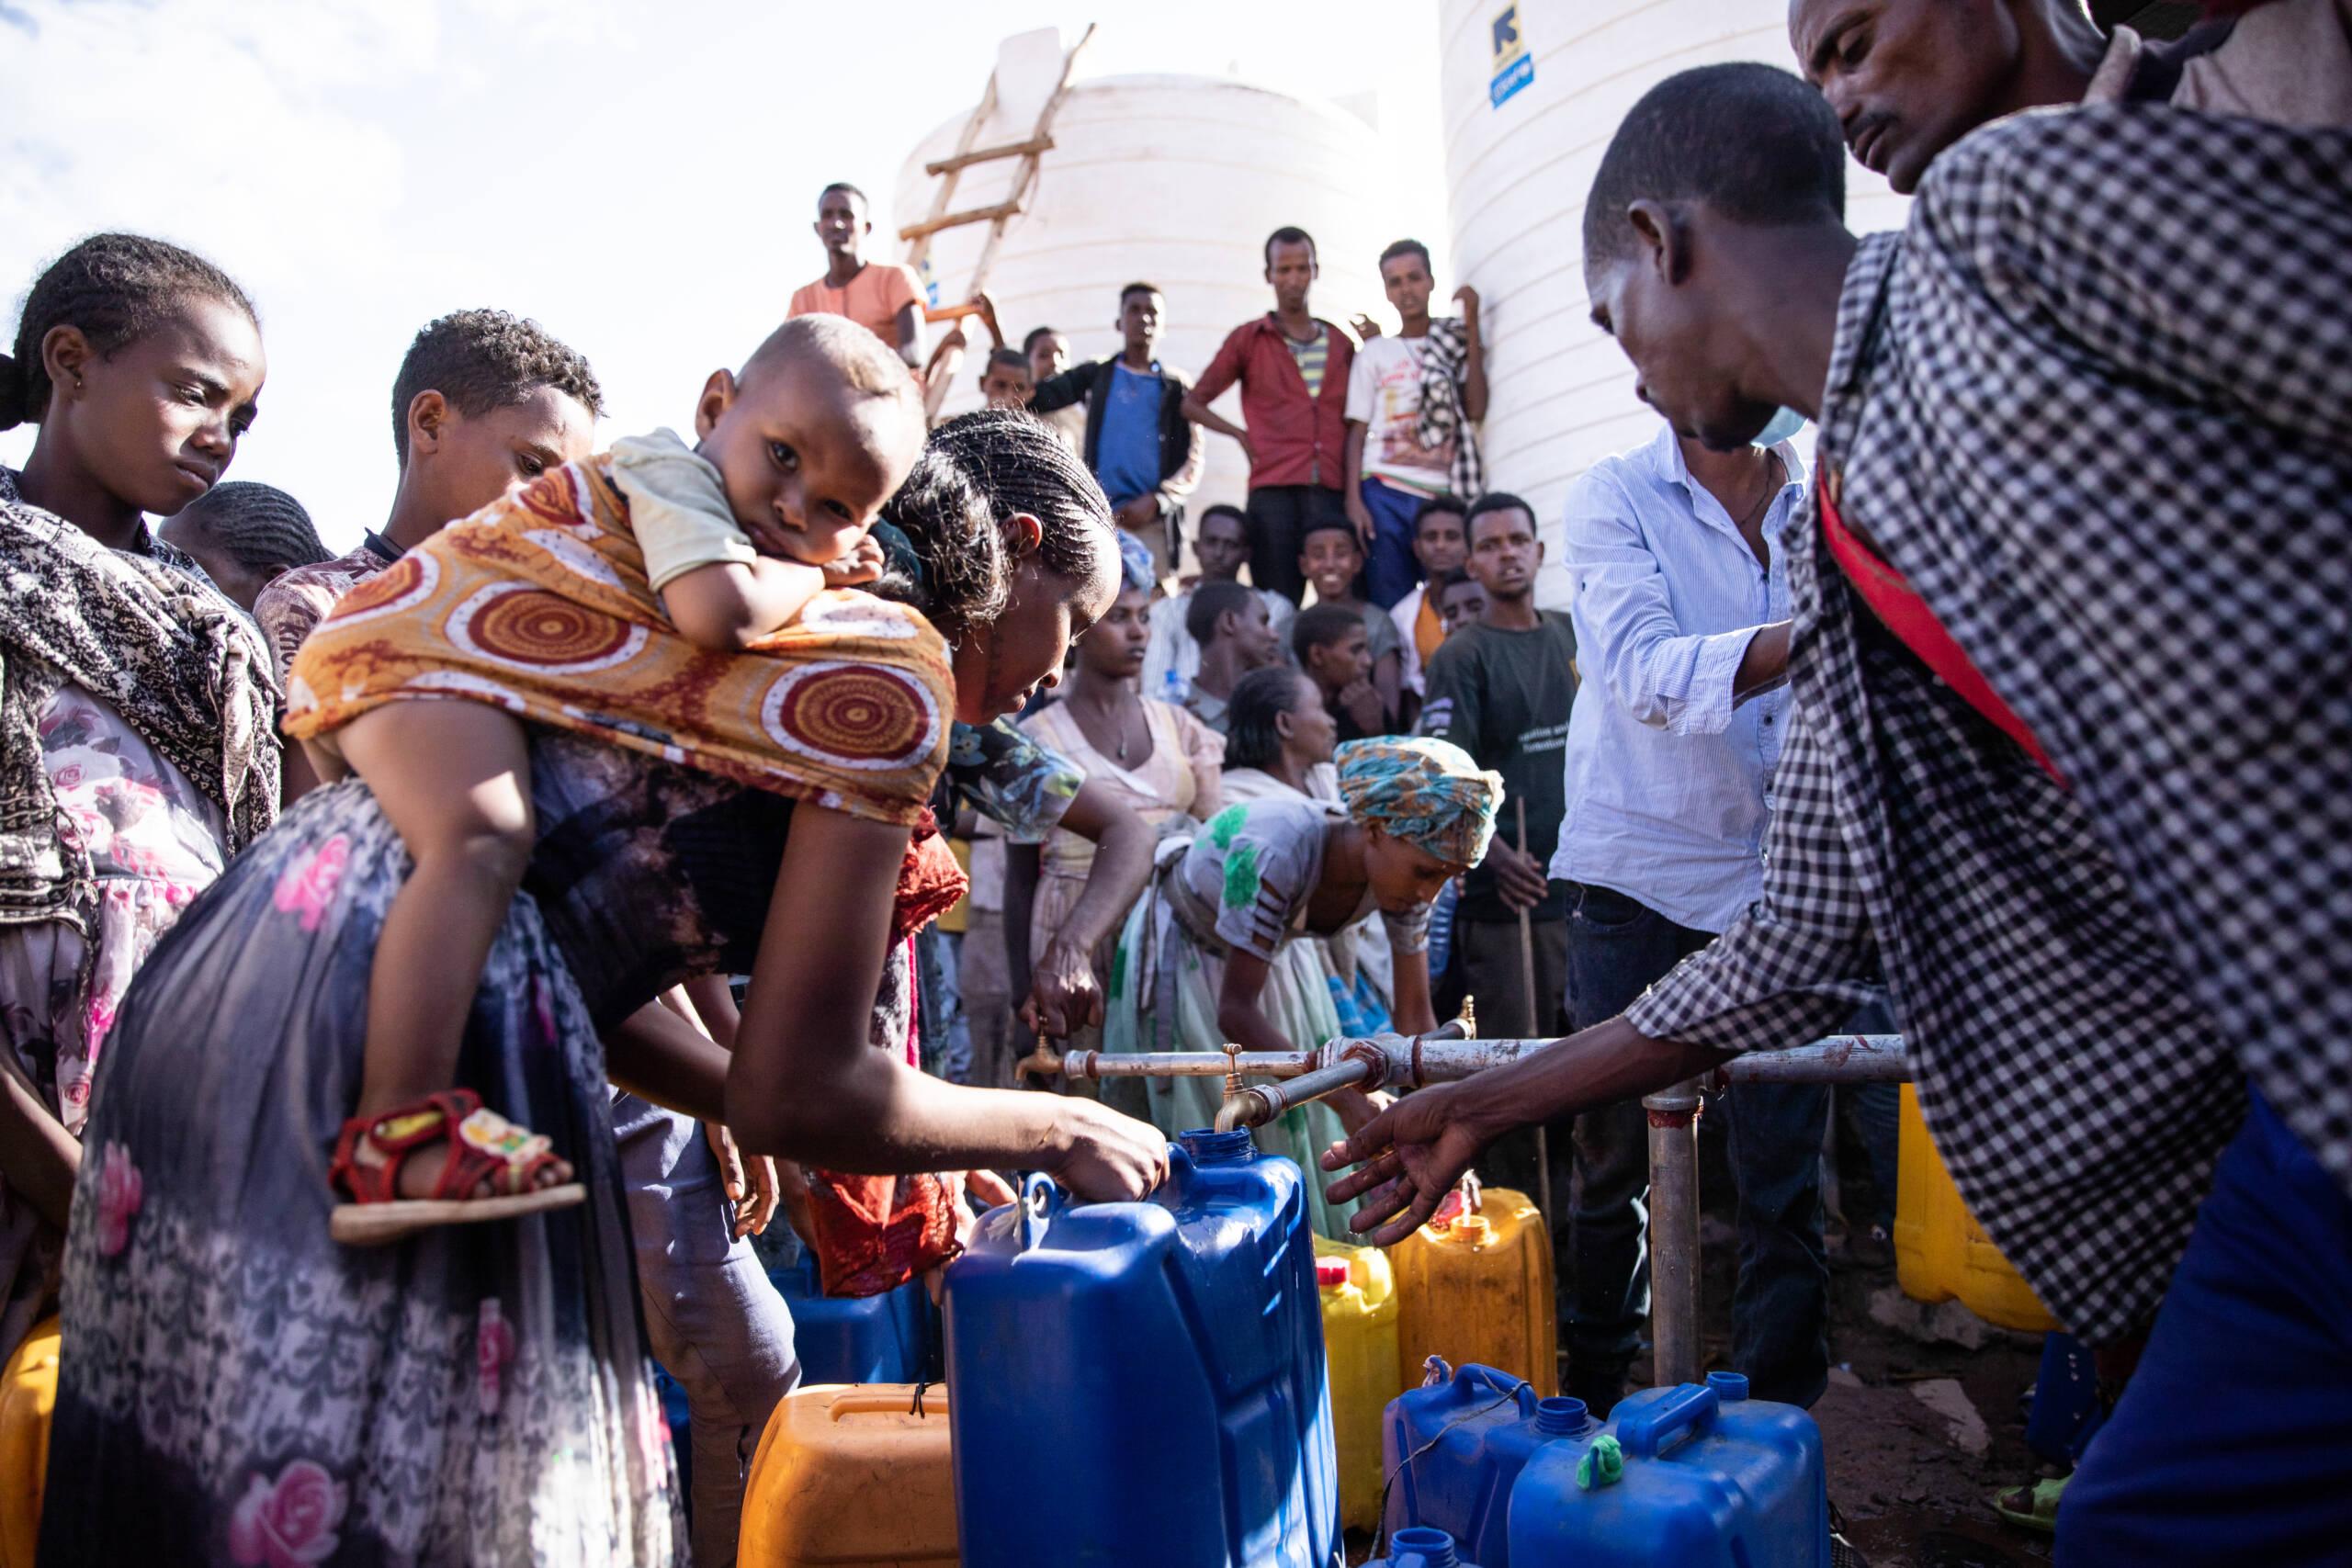 Um eine Wasserstation der UNICEF hat sich eine Menschentraube gebildet. Eine Frau mit ihrem Kind füllt einen Wasserkanister auf.